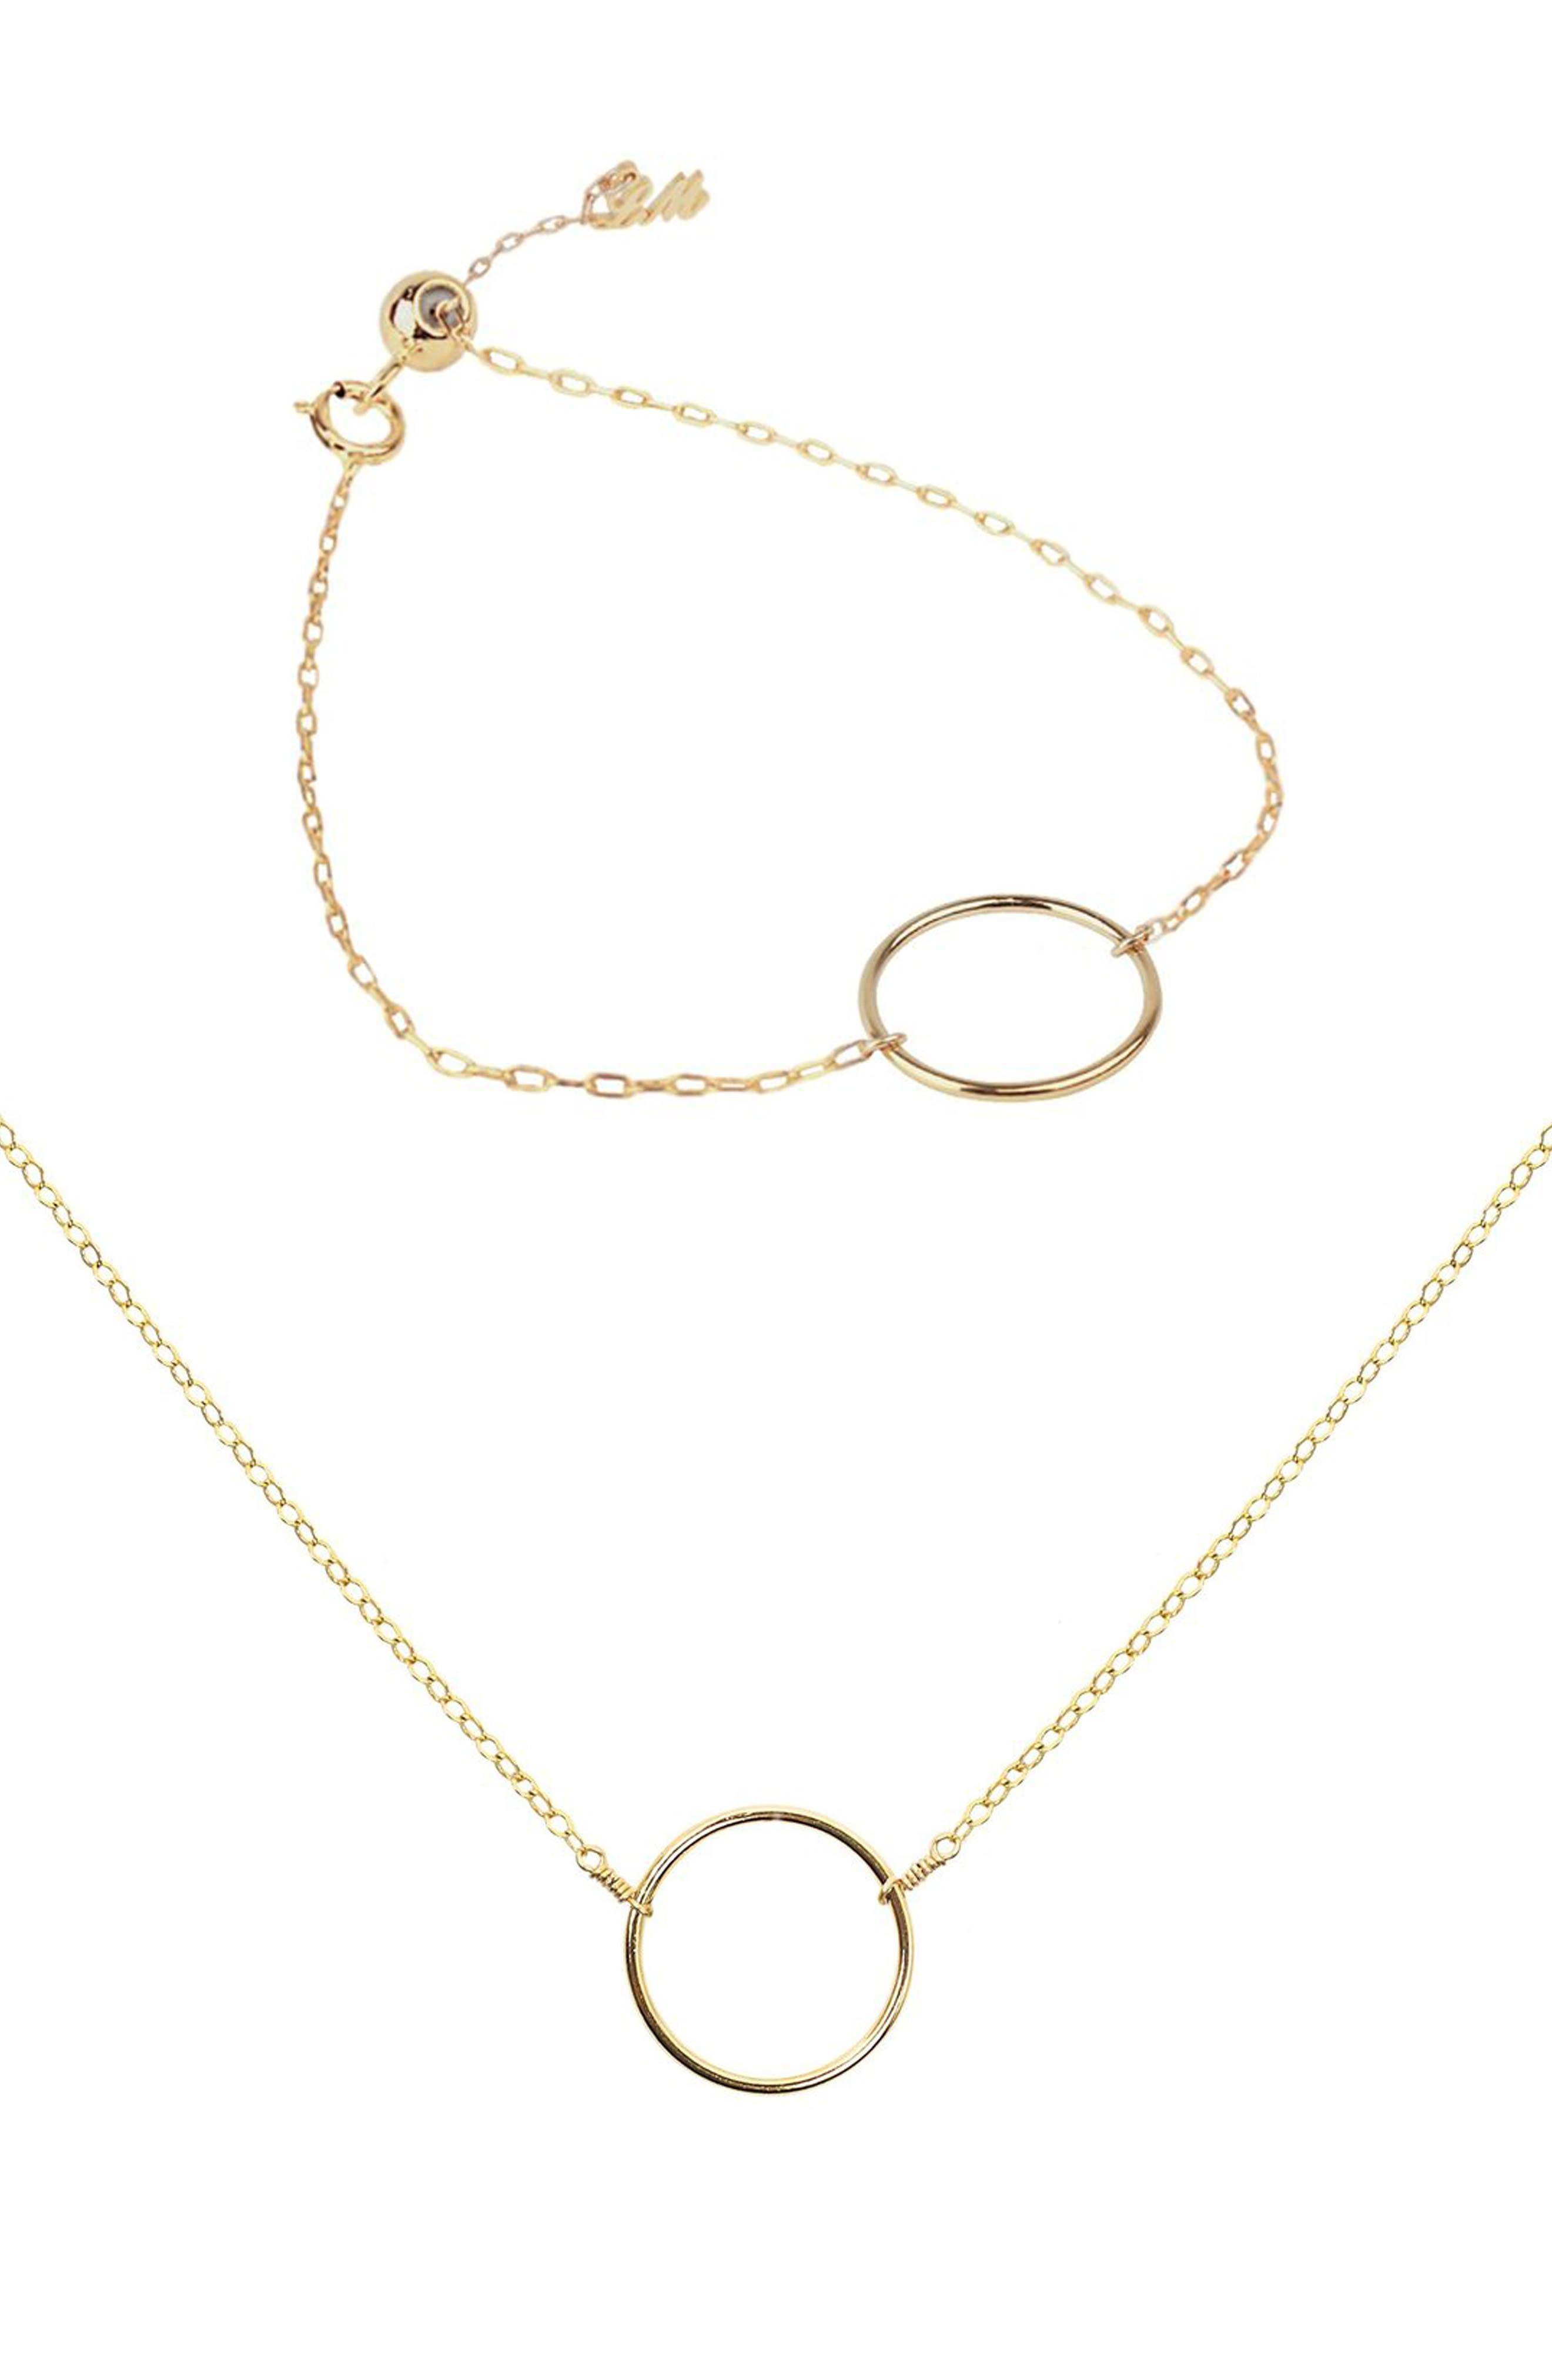 Lucky Charm Necklace & Bracelet Set